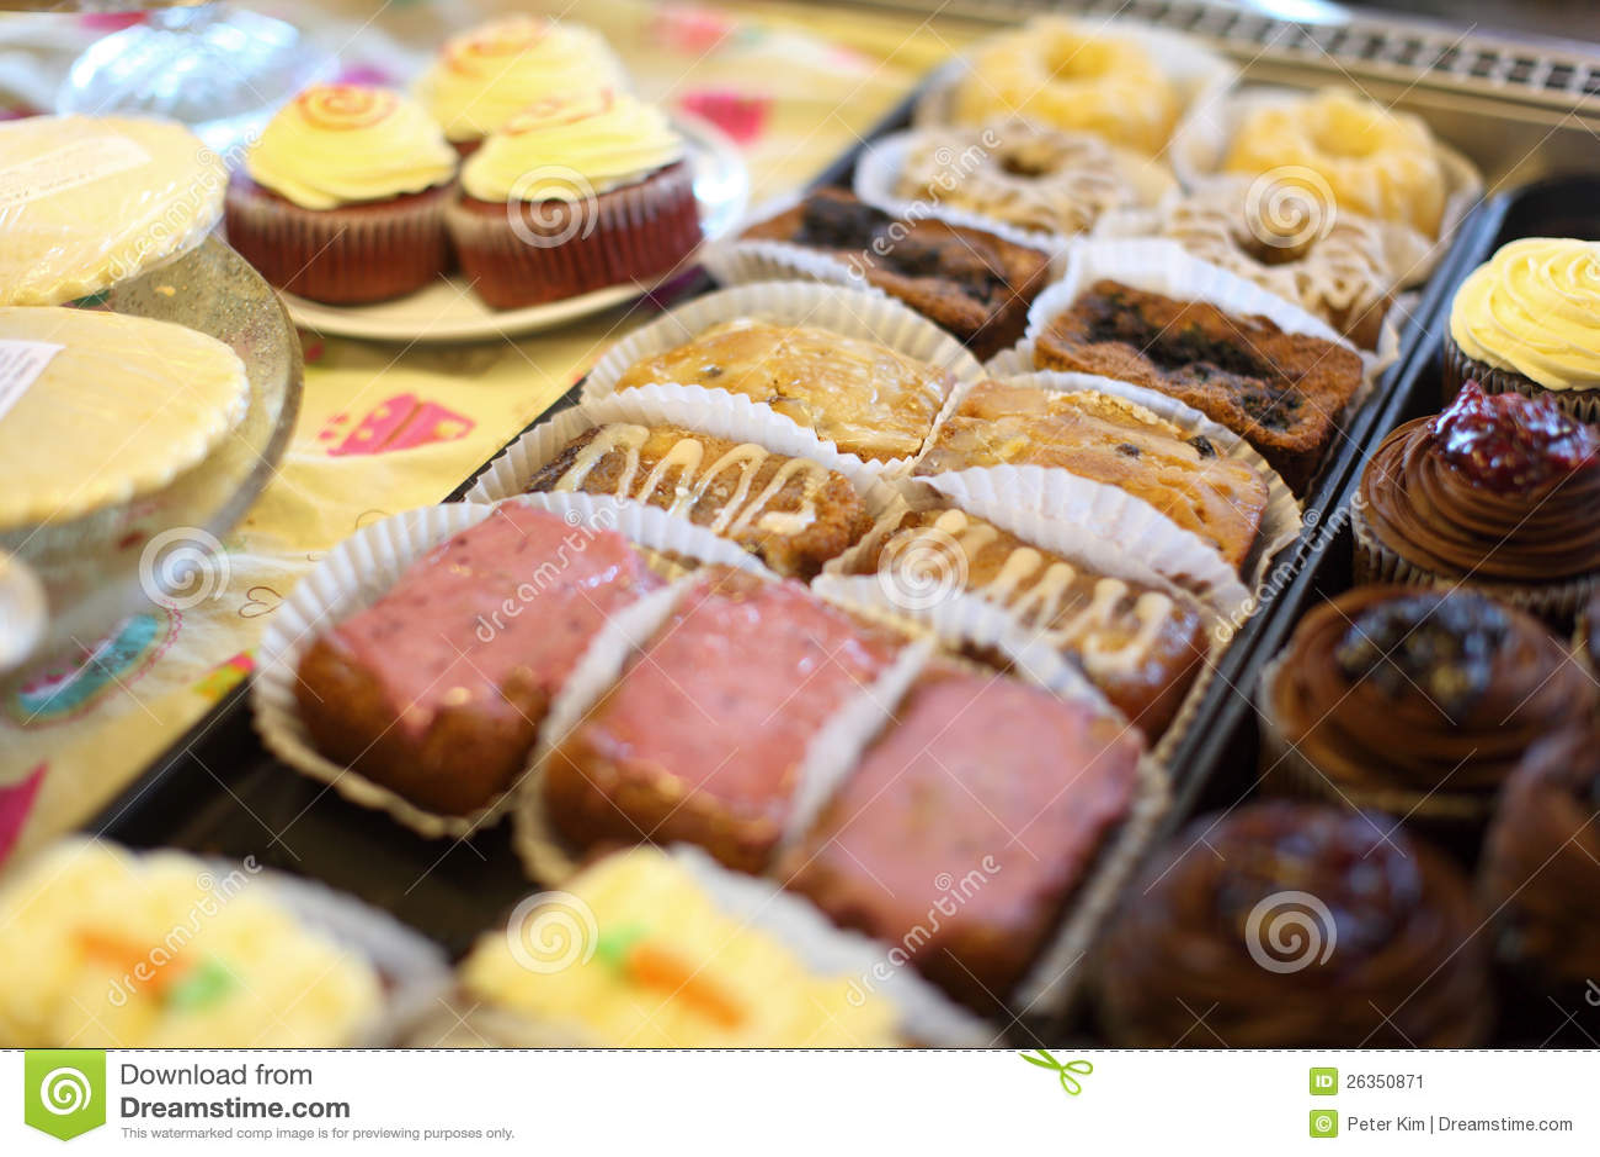 Ανάμεικτα μίνι κέικ και cupcakes